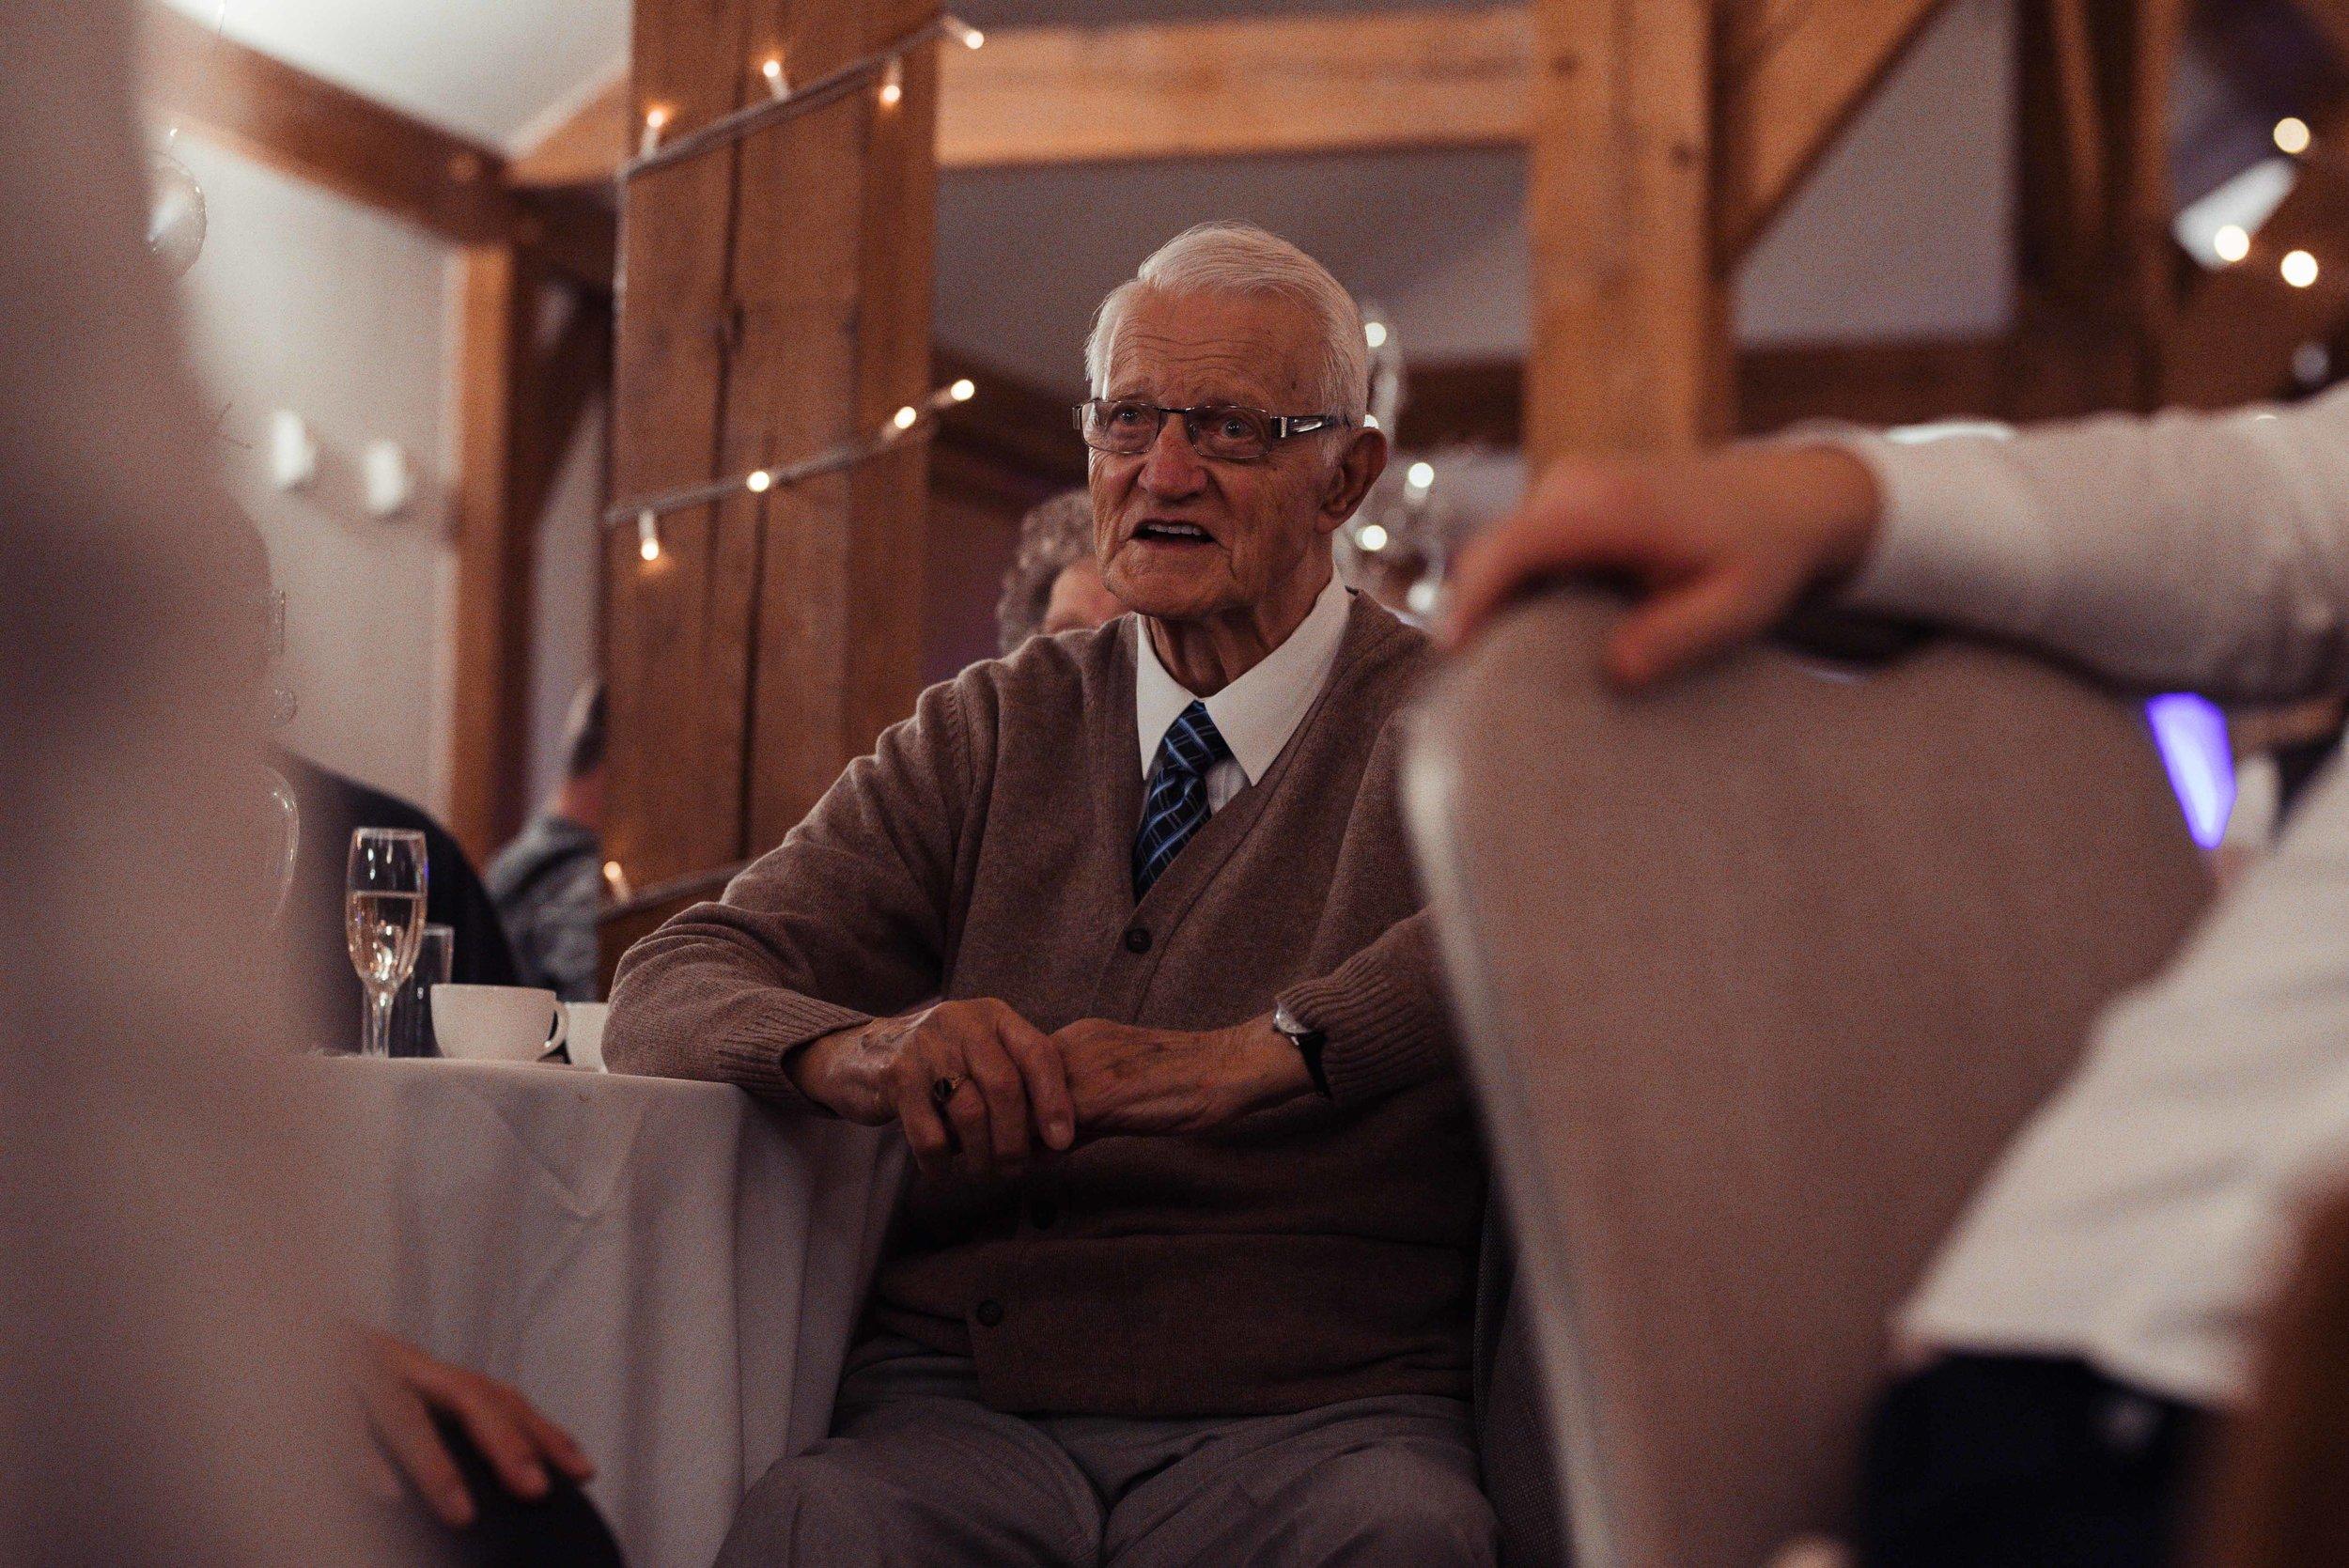 Grandpa watches the speeches